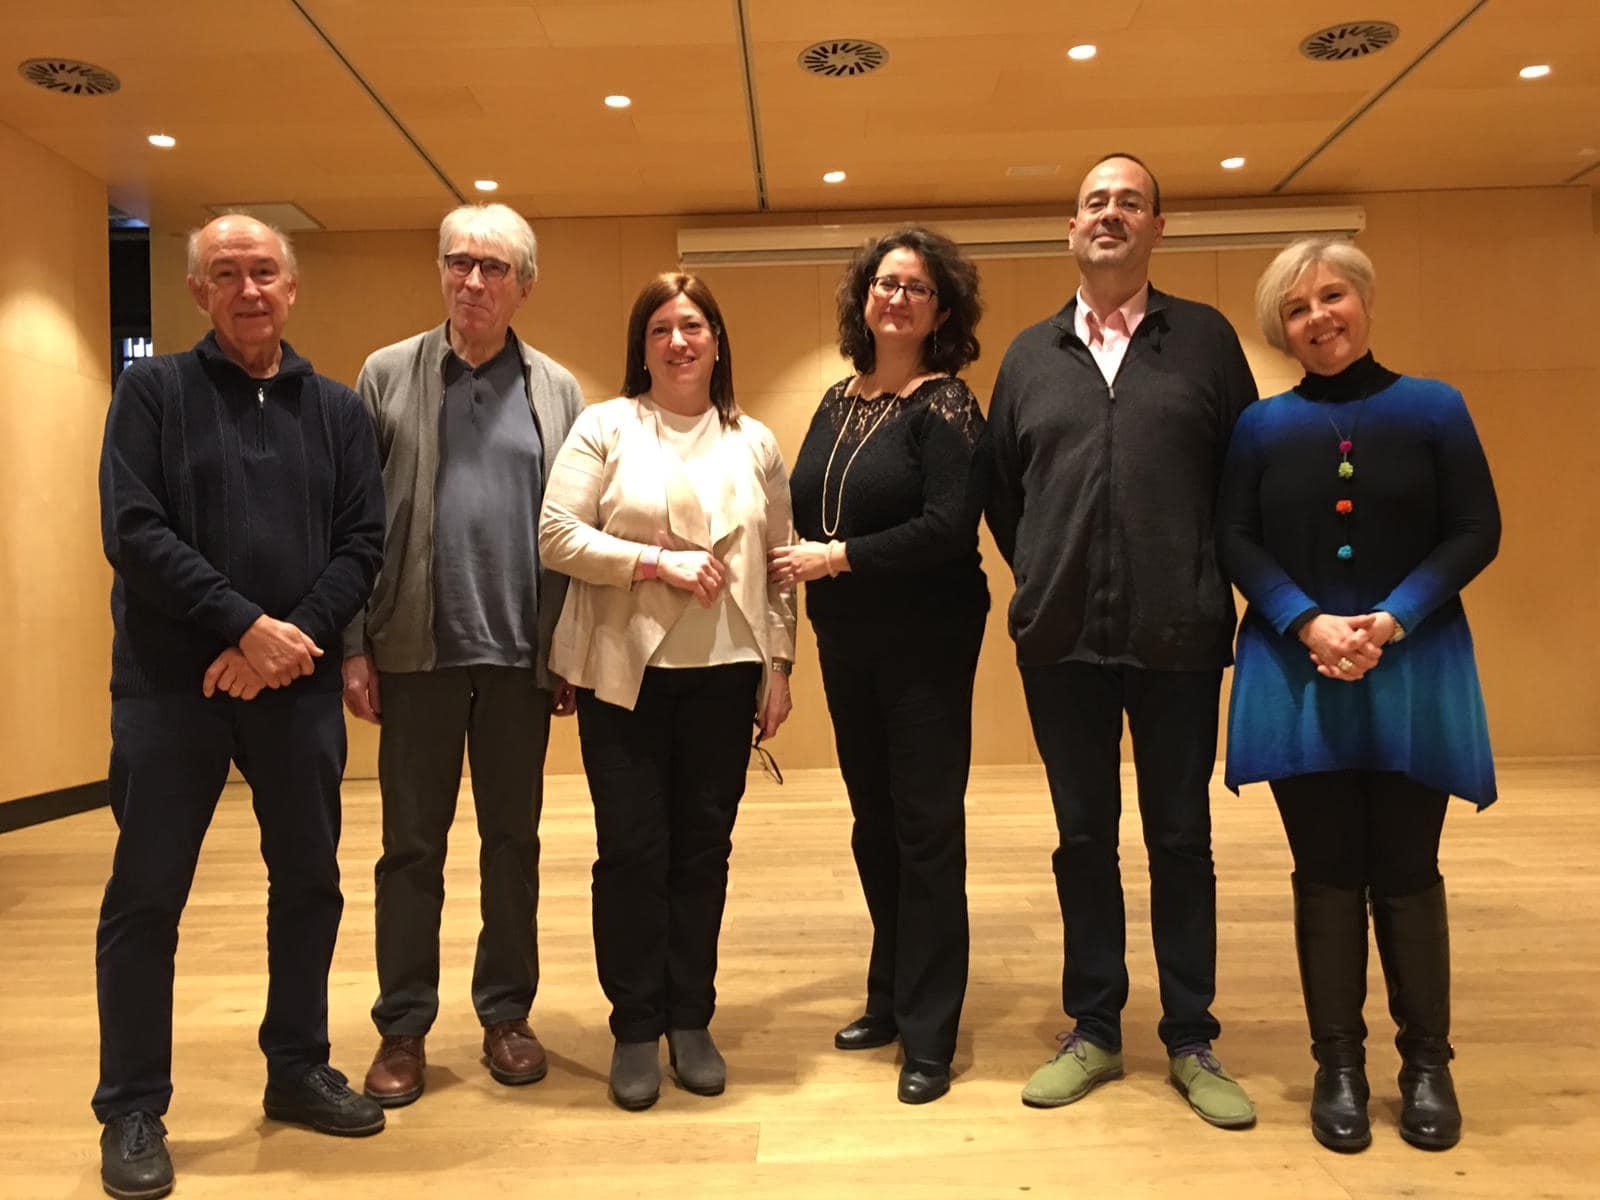 Jurat Premi N. Freixas: Attenelle, Colomer, Garrigosa, Vela, Parron i Lladó